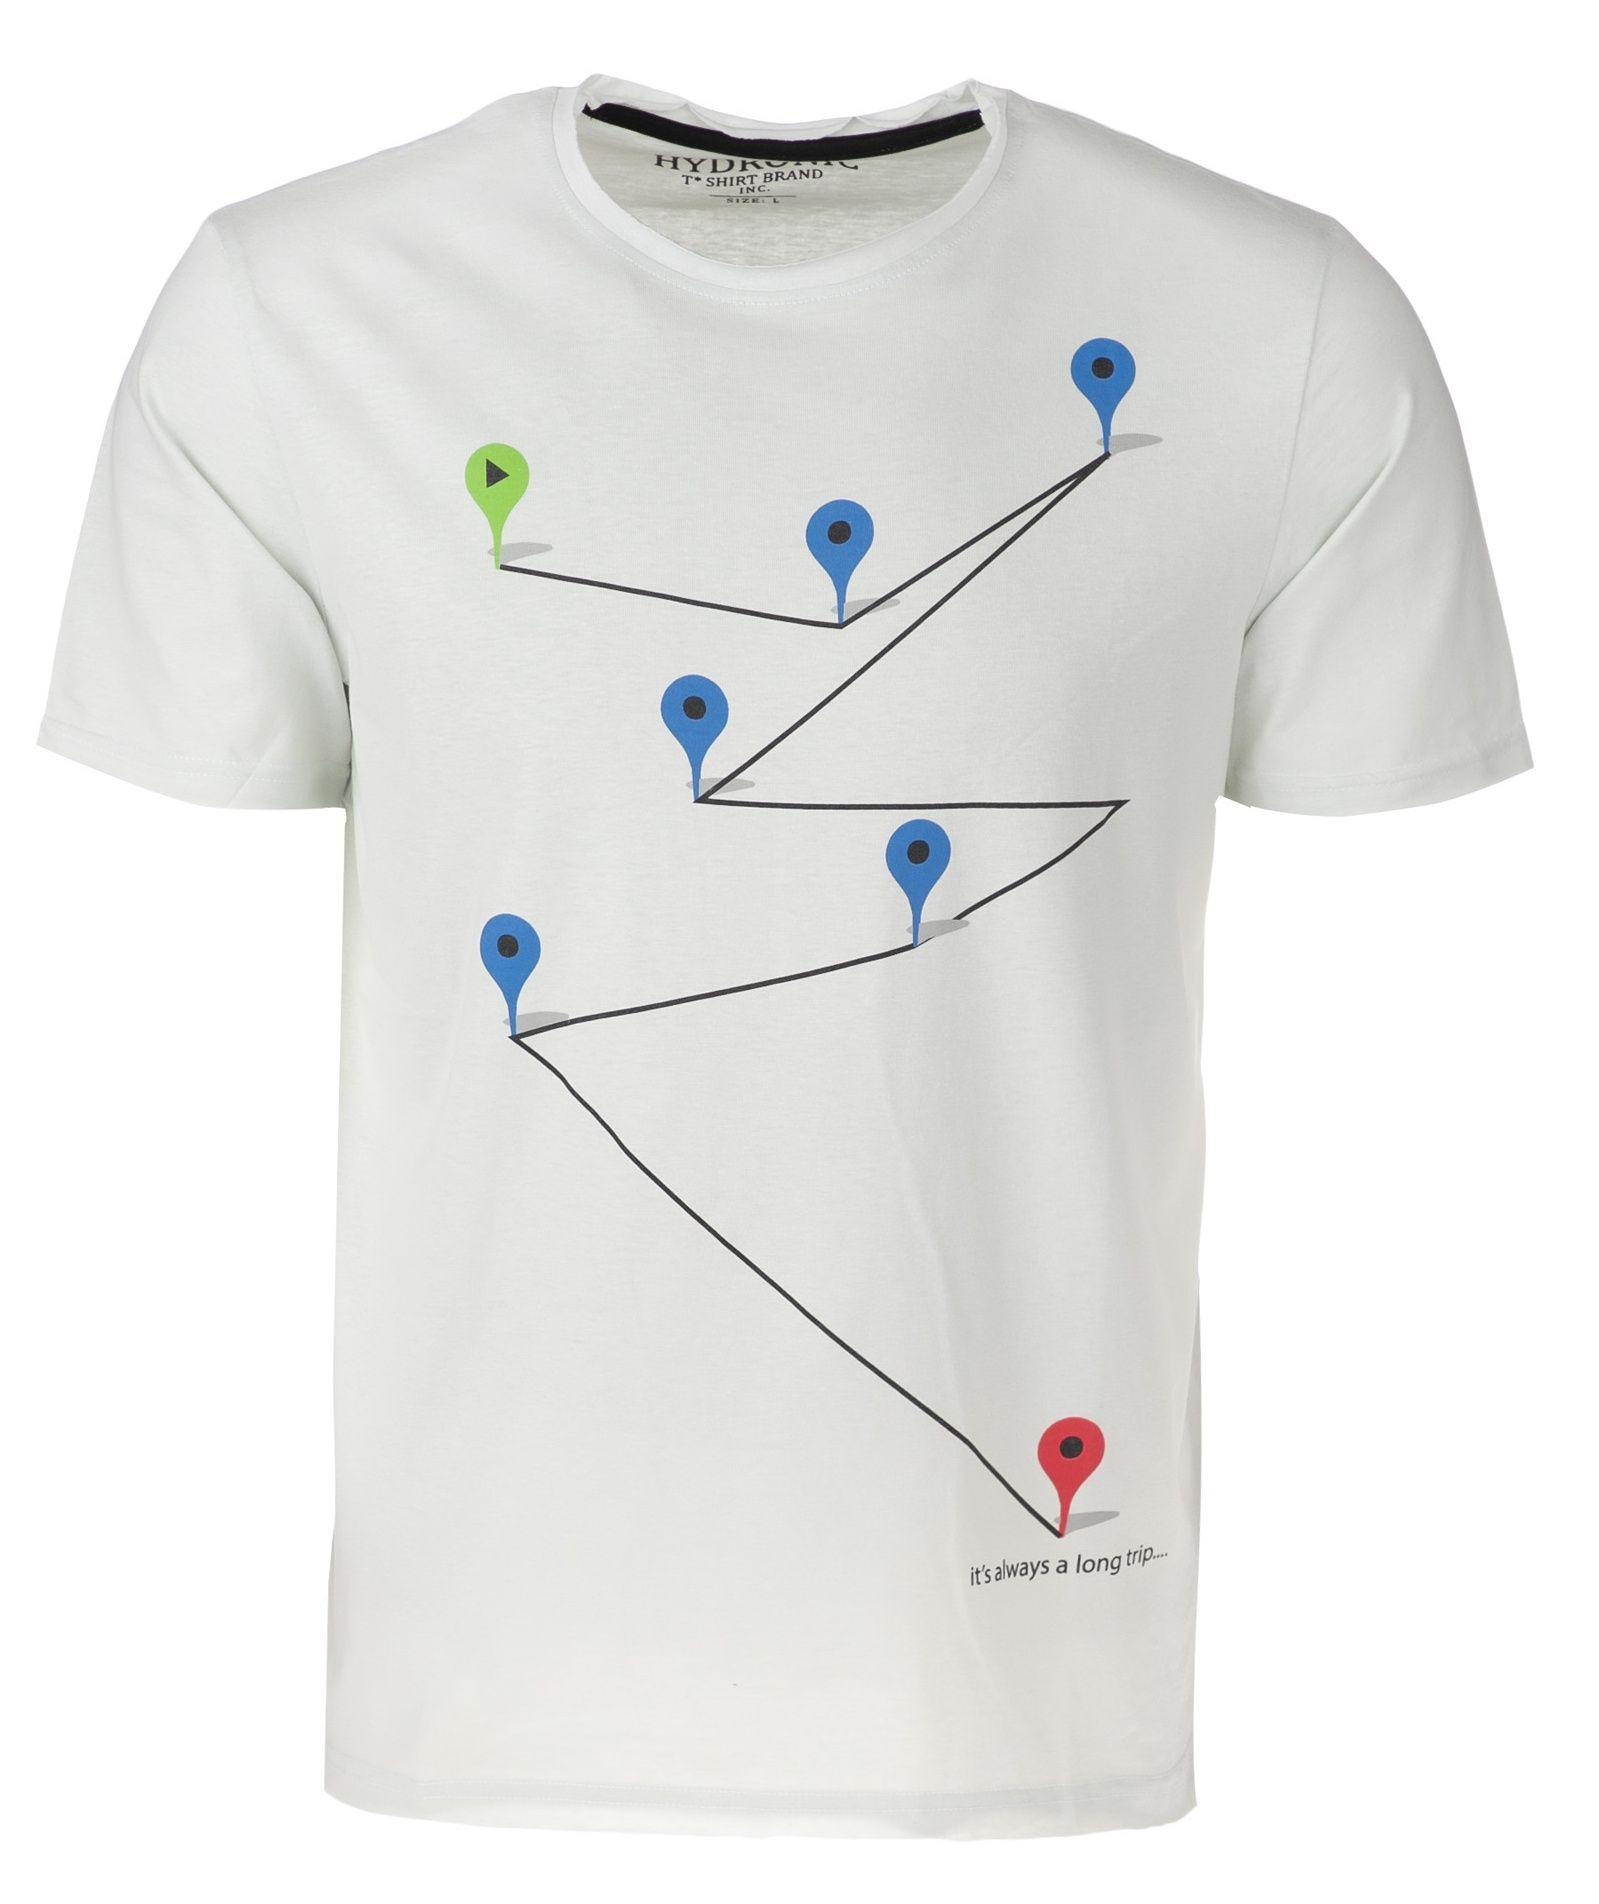 تی شرت مردانه یوپیم مدل 5112023 -  - 1